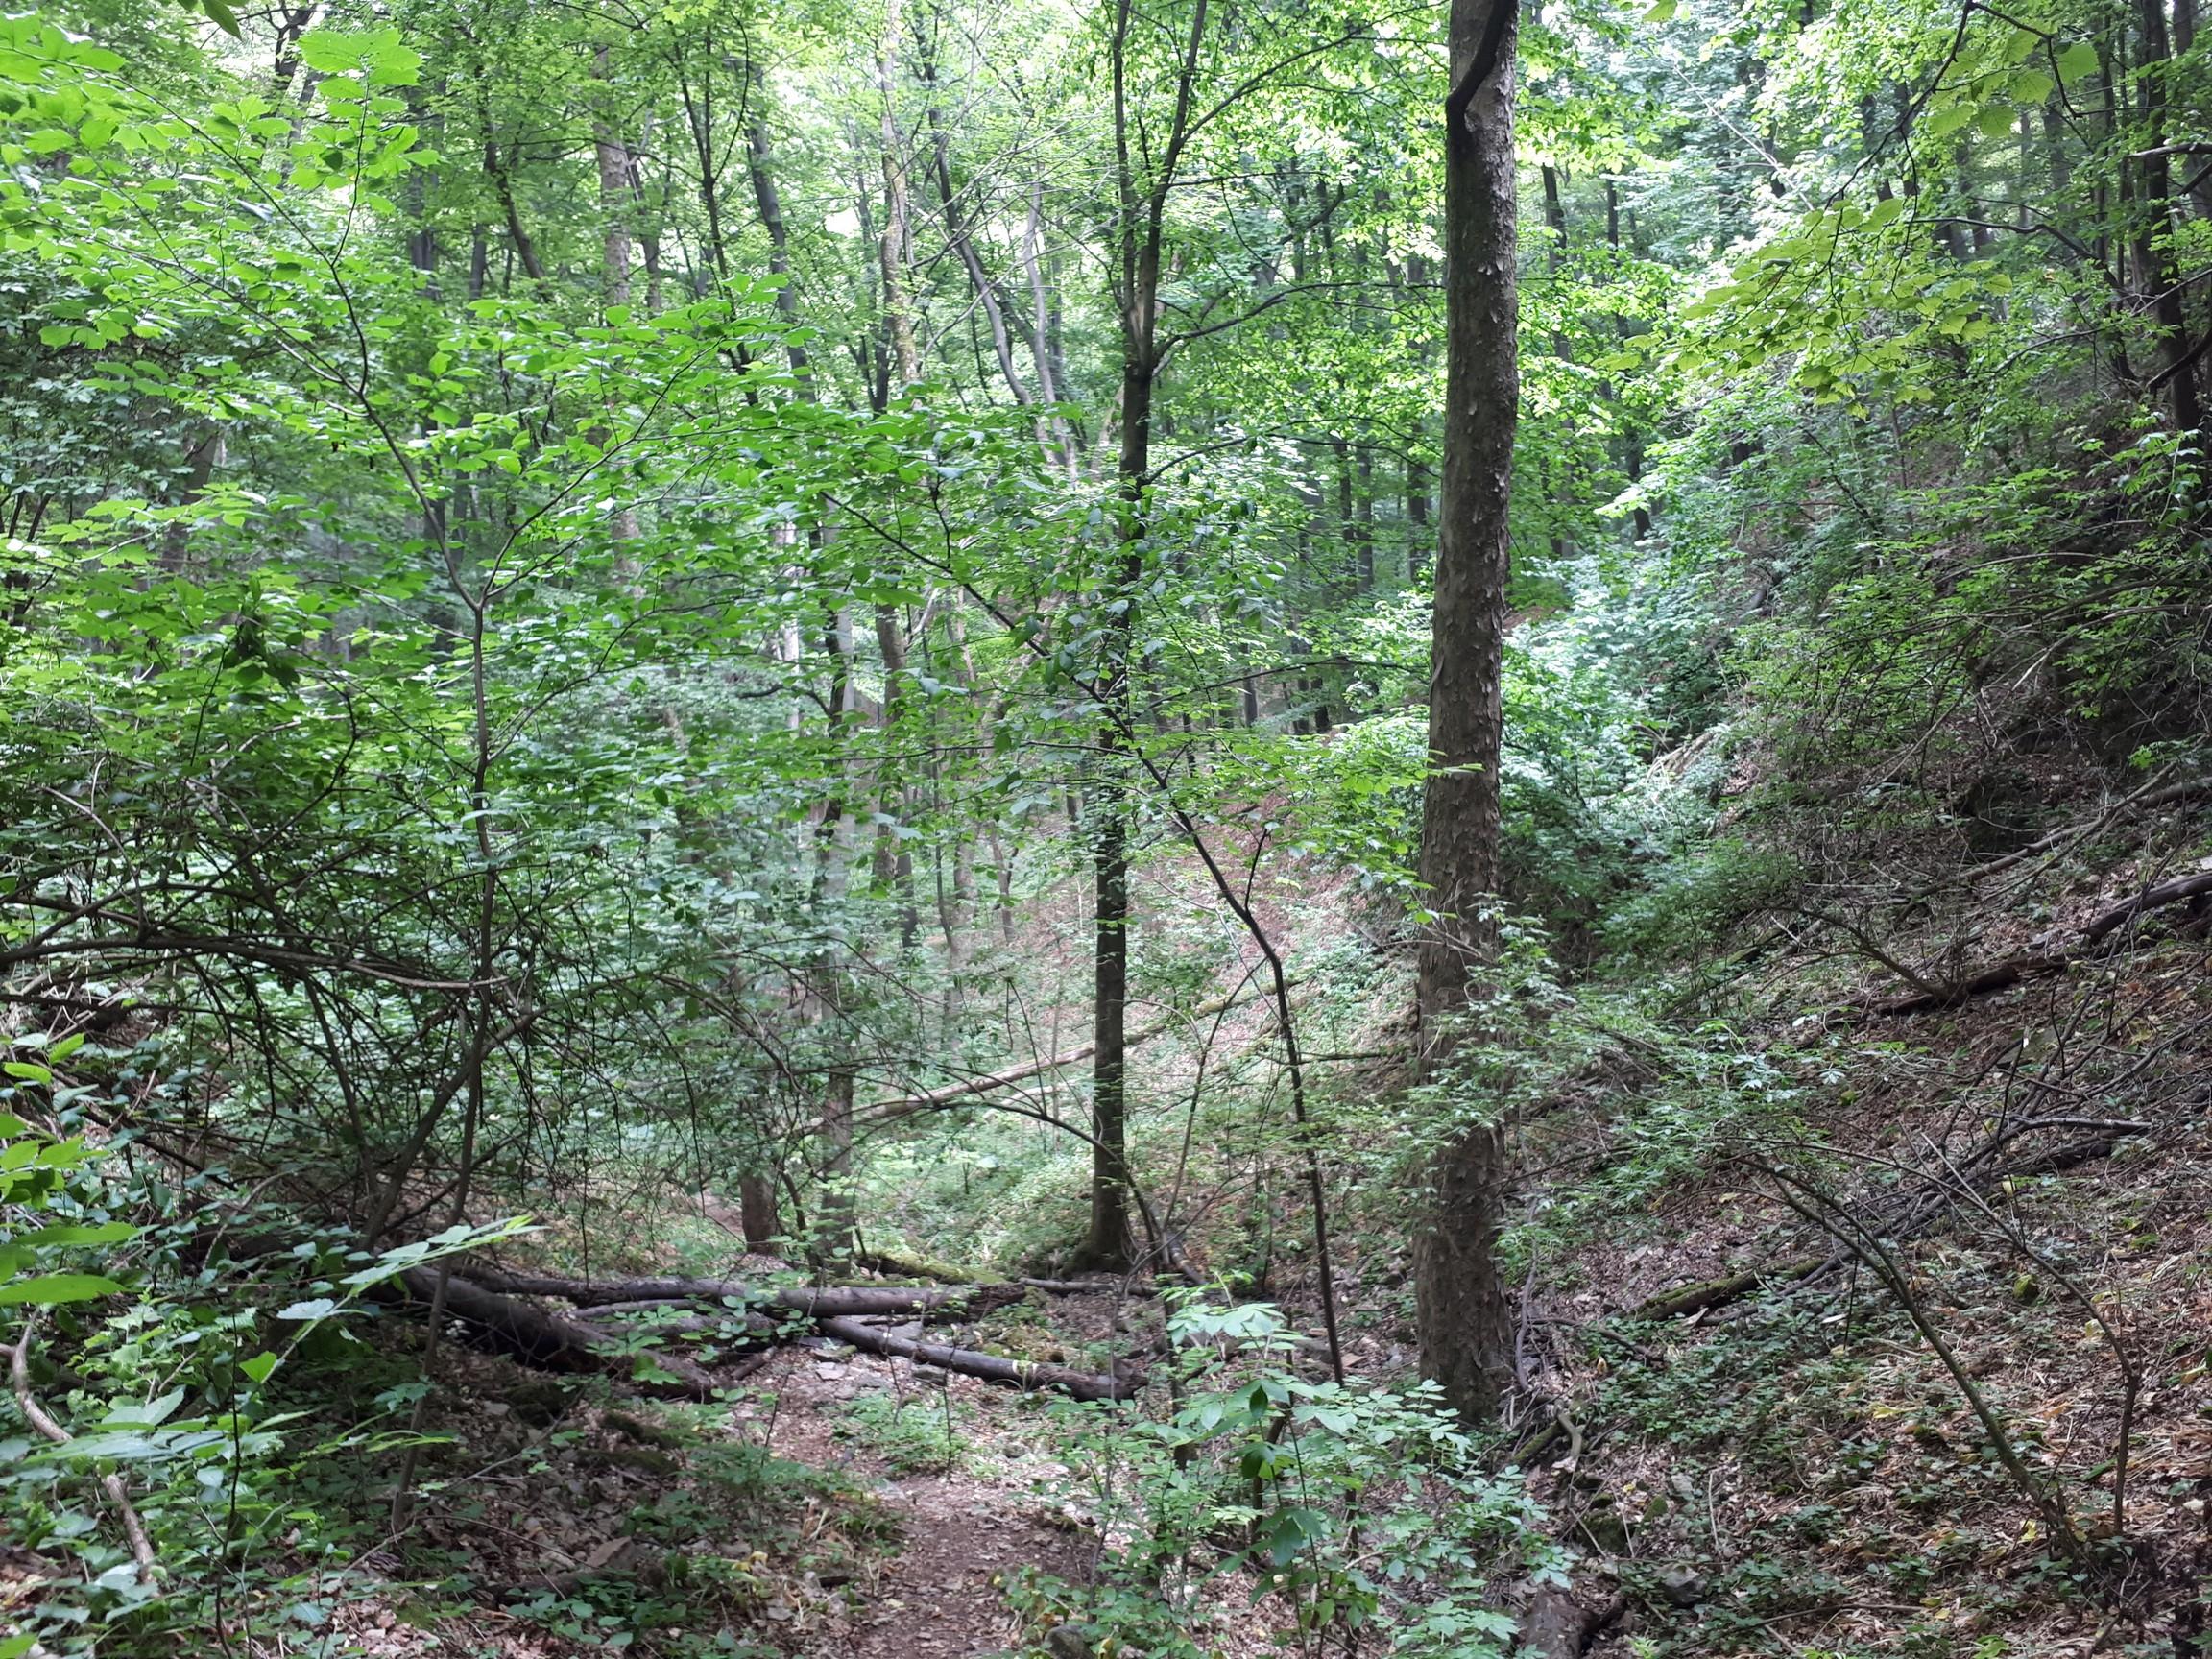 úttalan utak, kidőlt fák